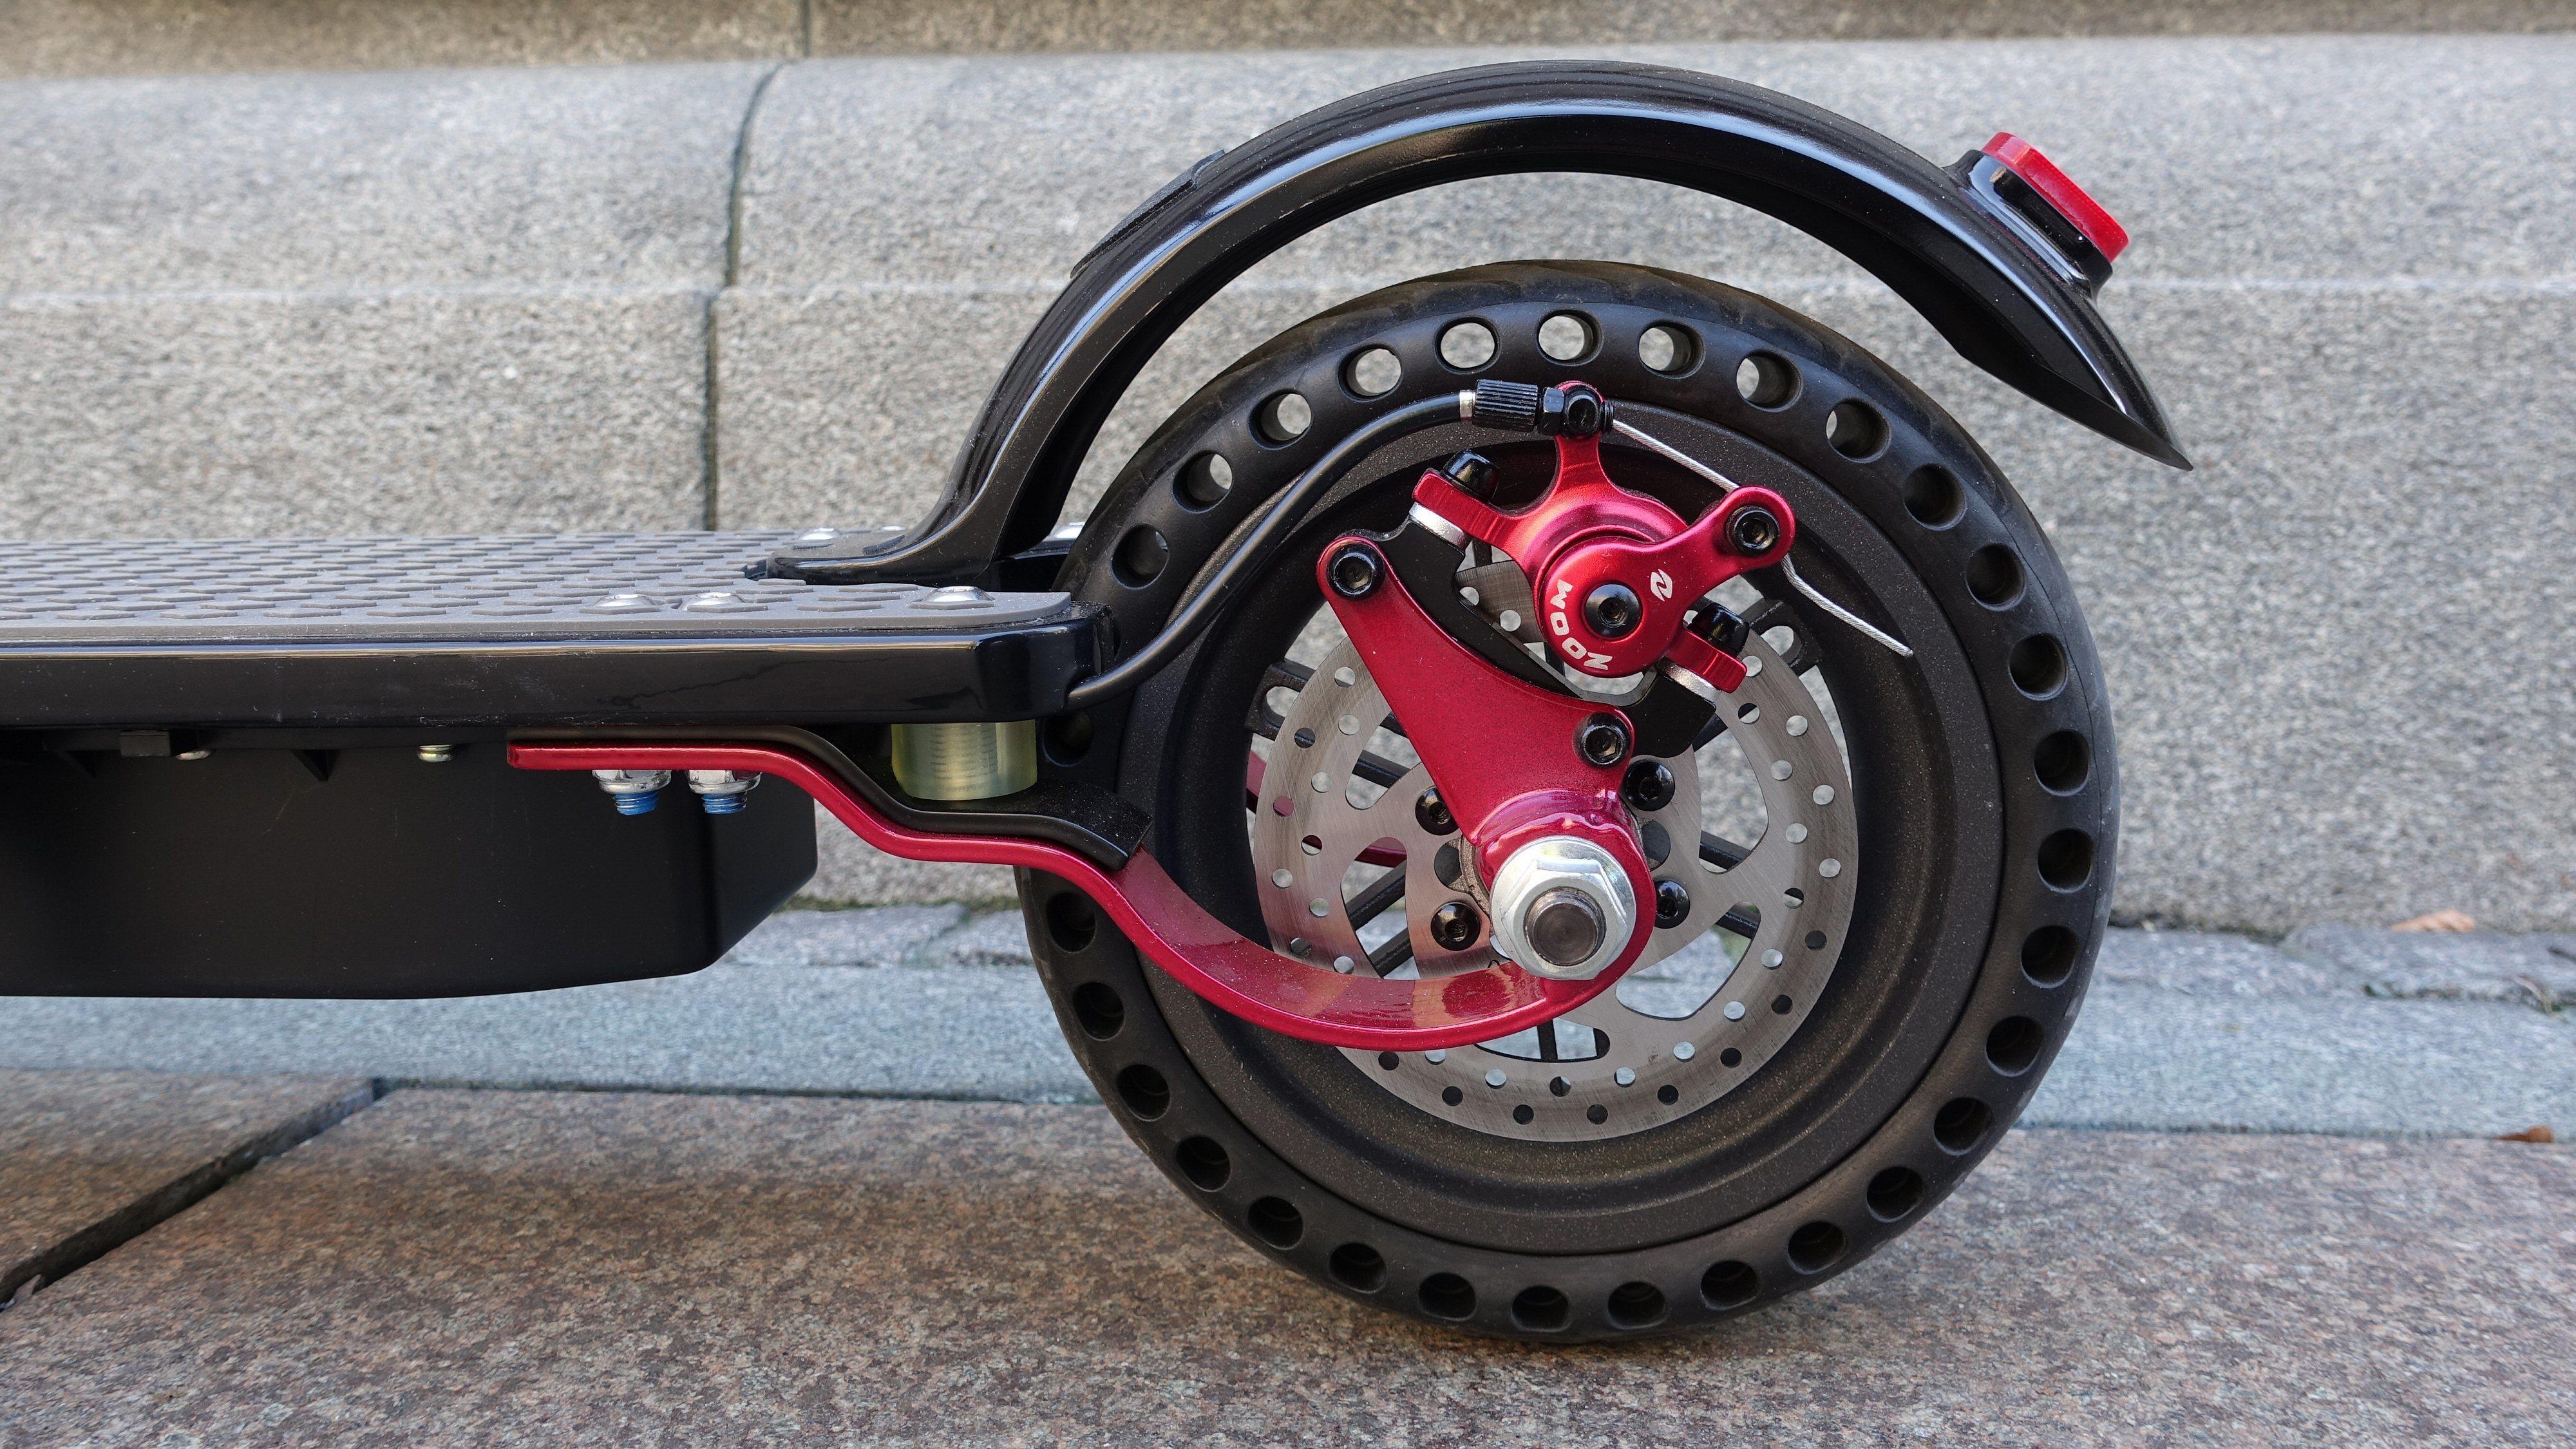 Denne sparkesykkelen har både konvensjonell fjæring og et relativt mykt, men punkteringsfritt dekk. En god kombinasjon som betyr økt kjørekomfort.